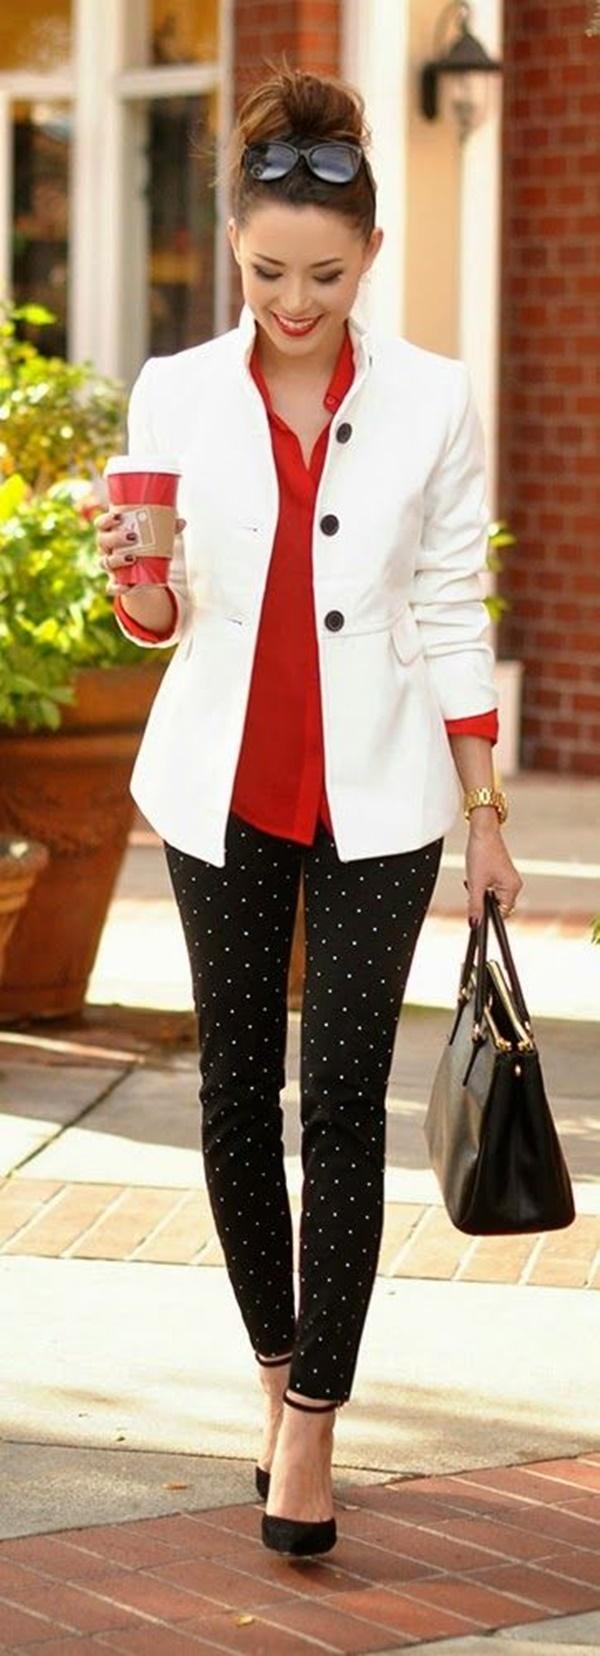 polka dots outfits (9)